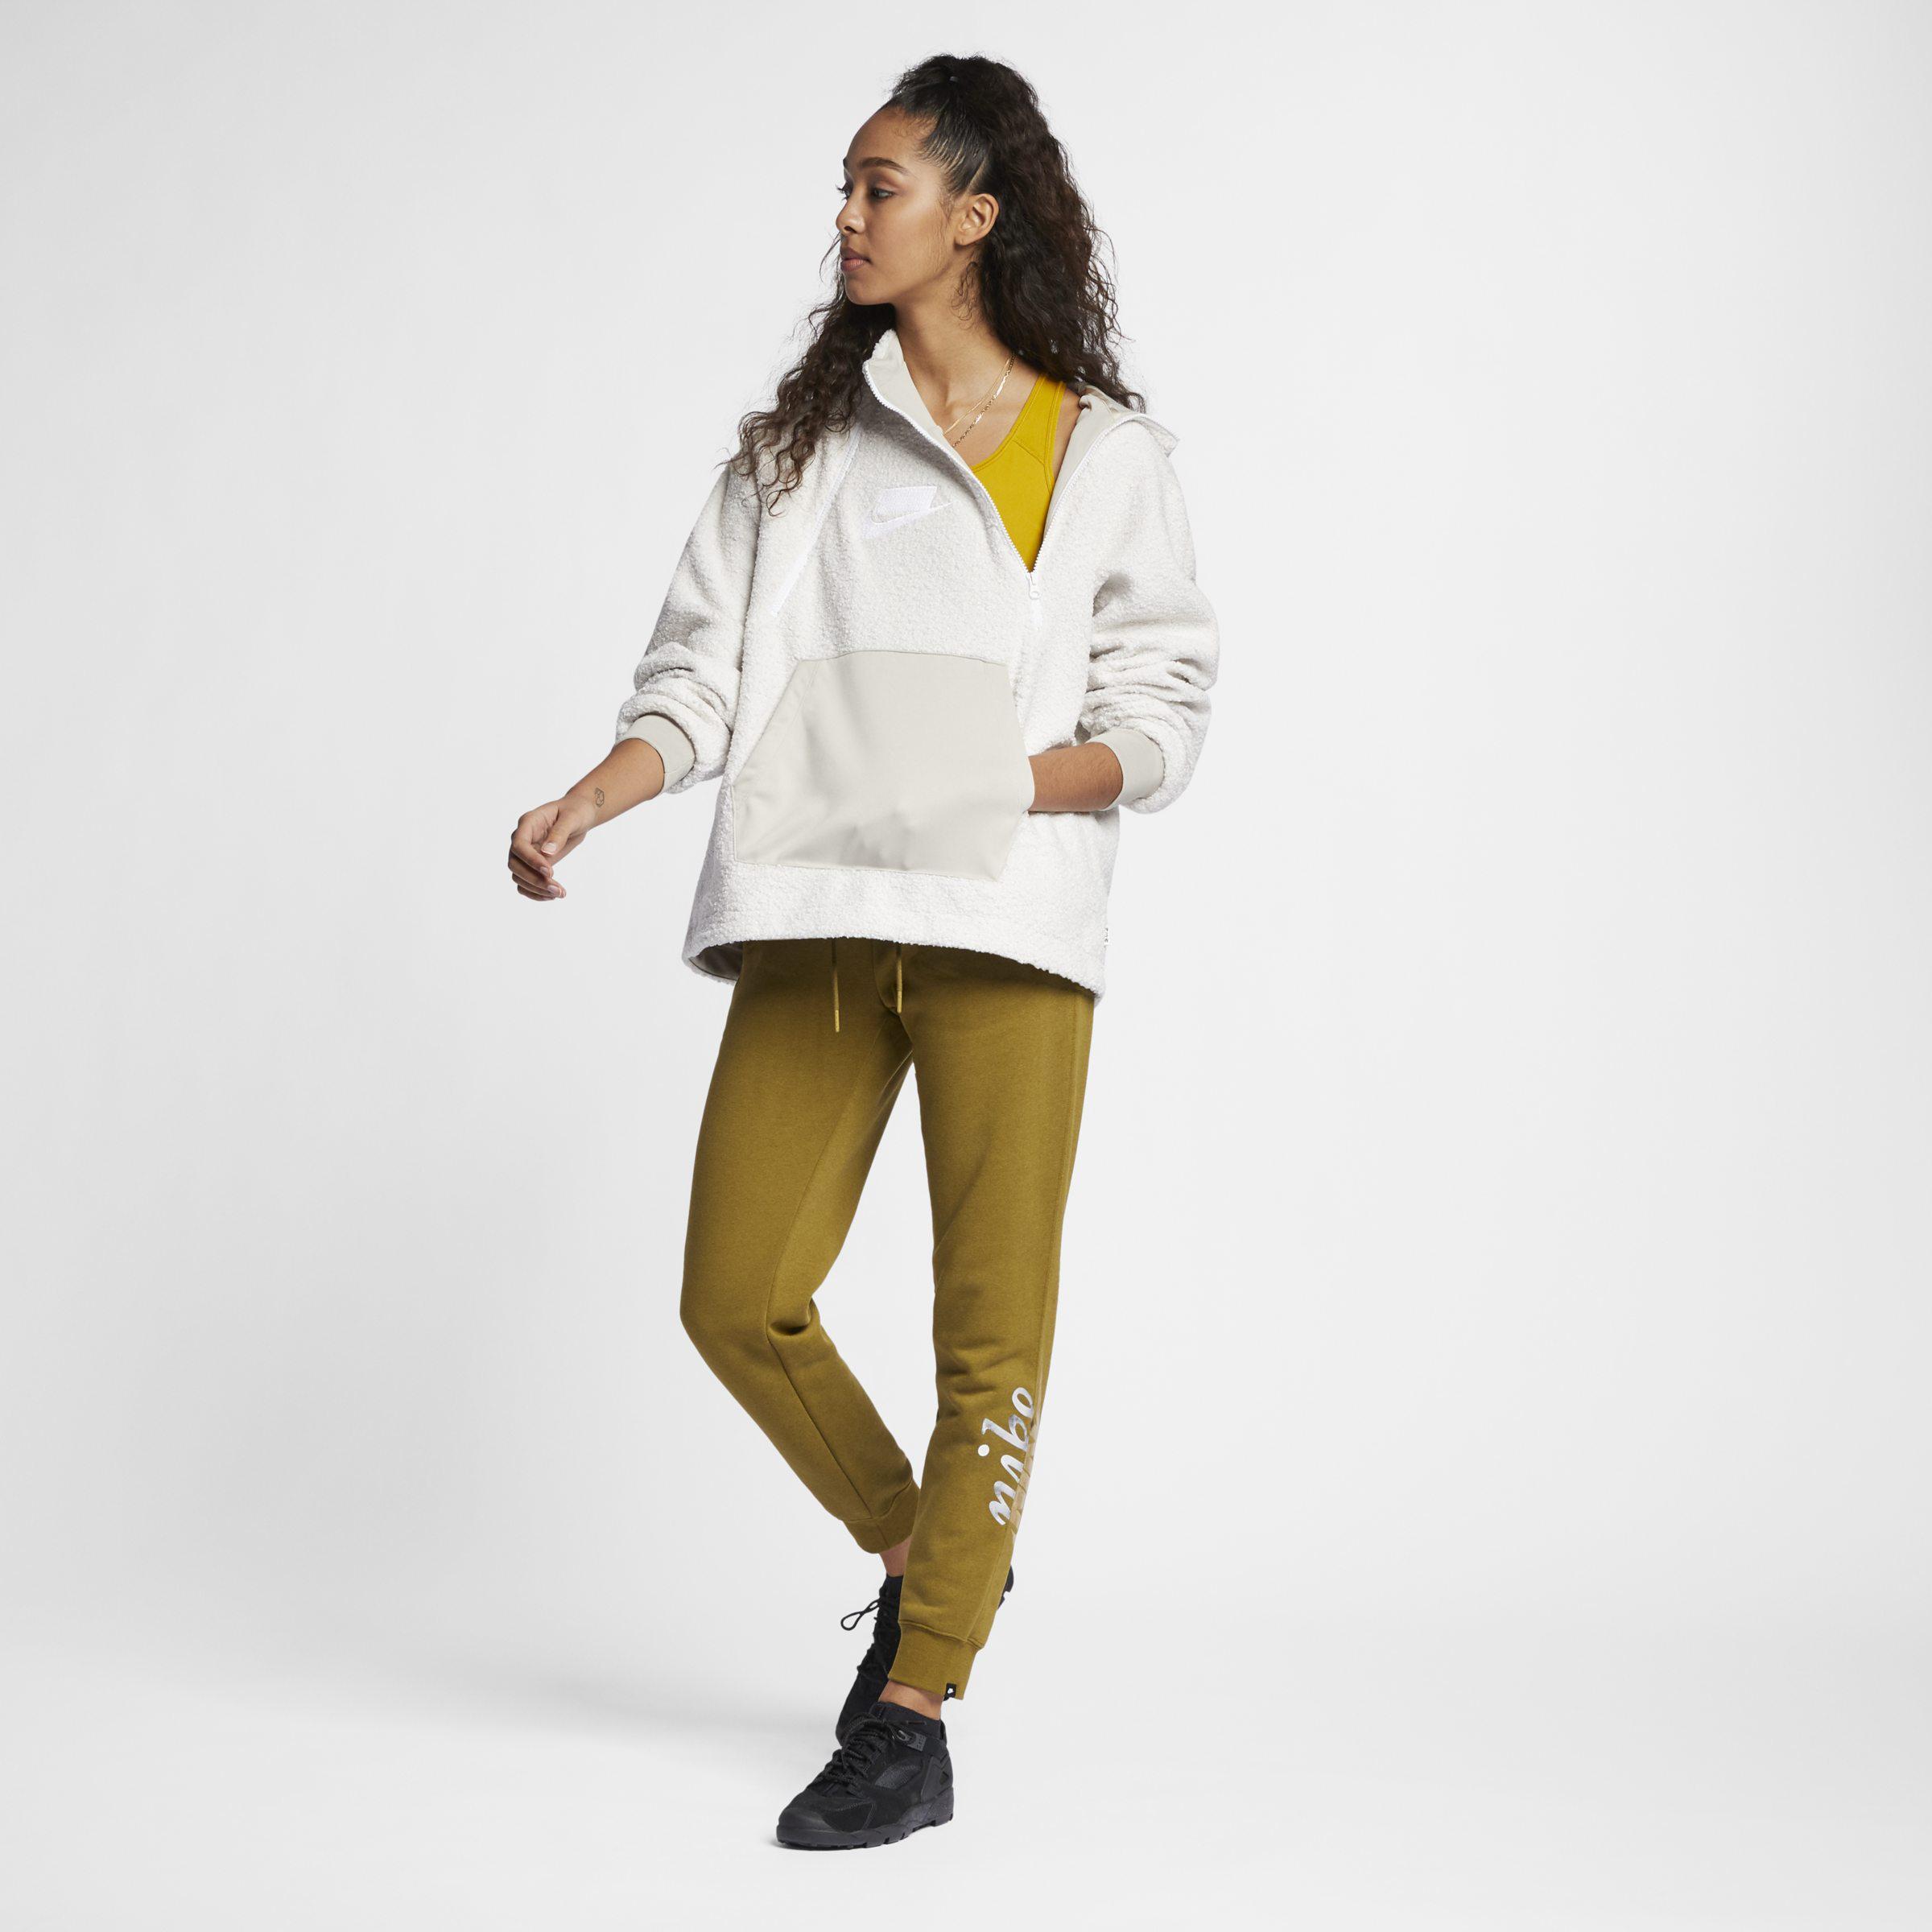 new styles d4512 95fb6 Nike Sportswear Nsw Pullover Sherpa Hoodie - Lyst